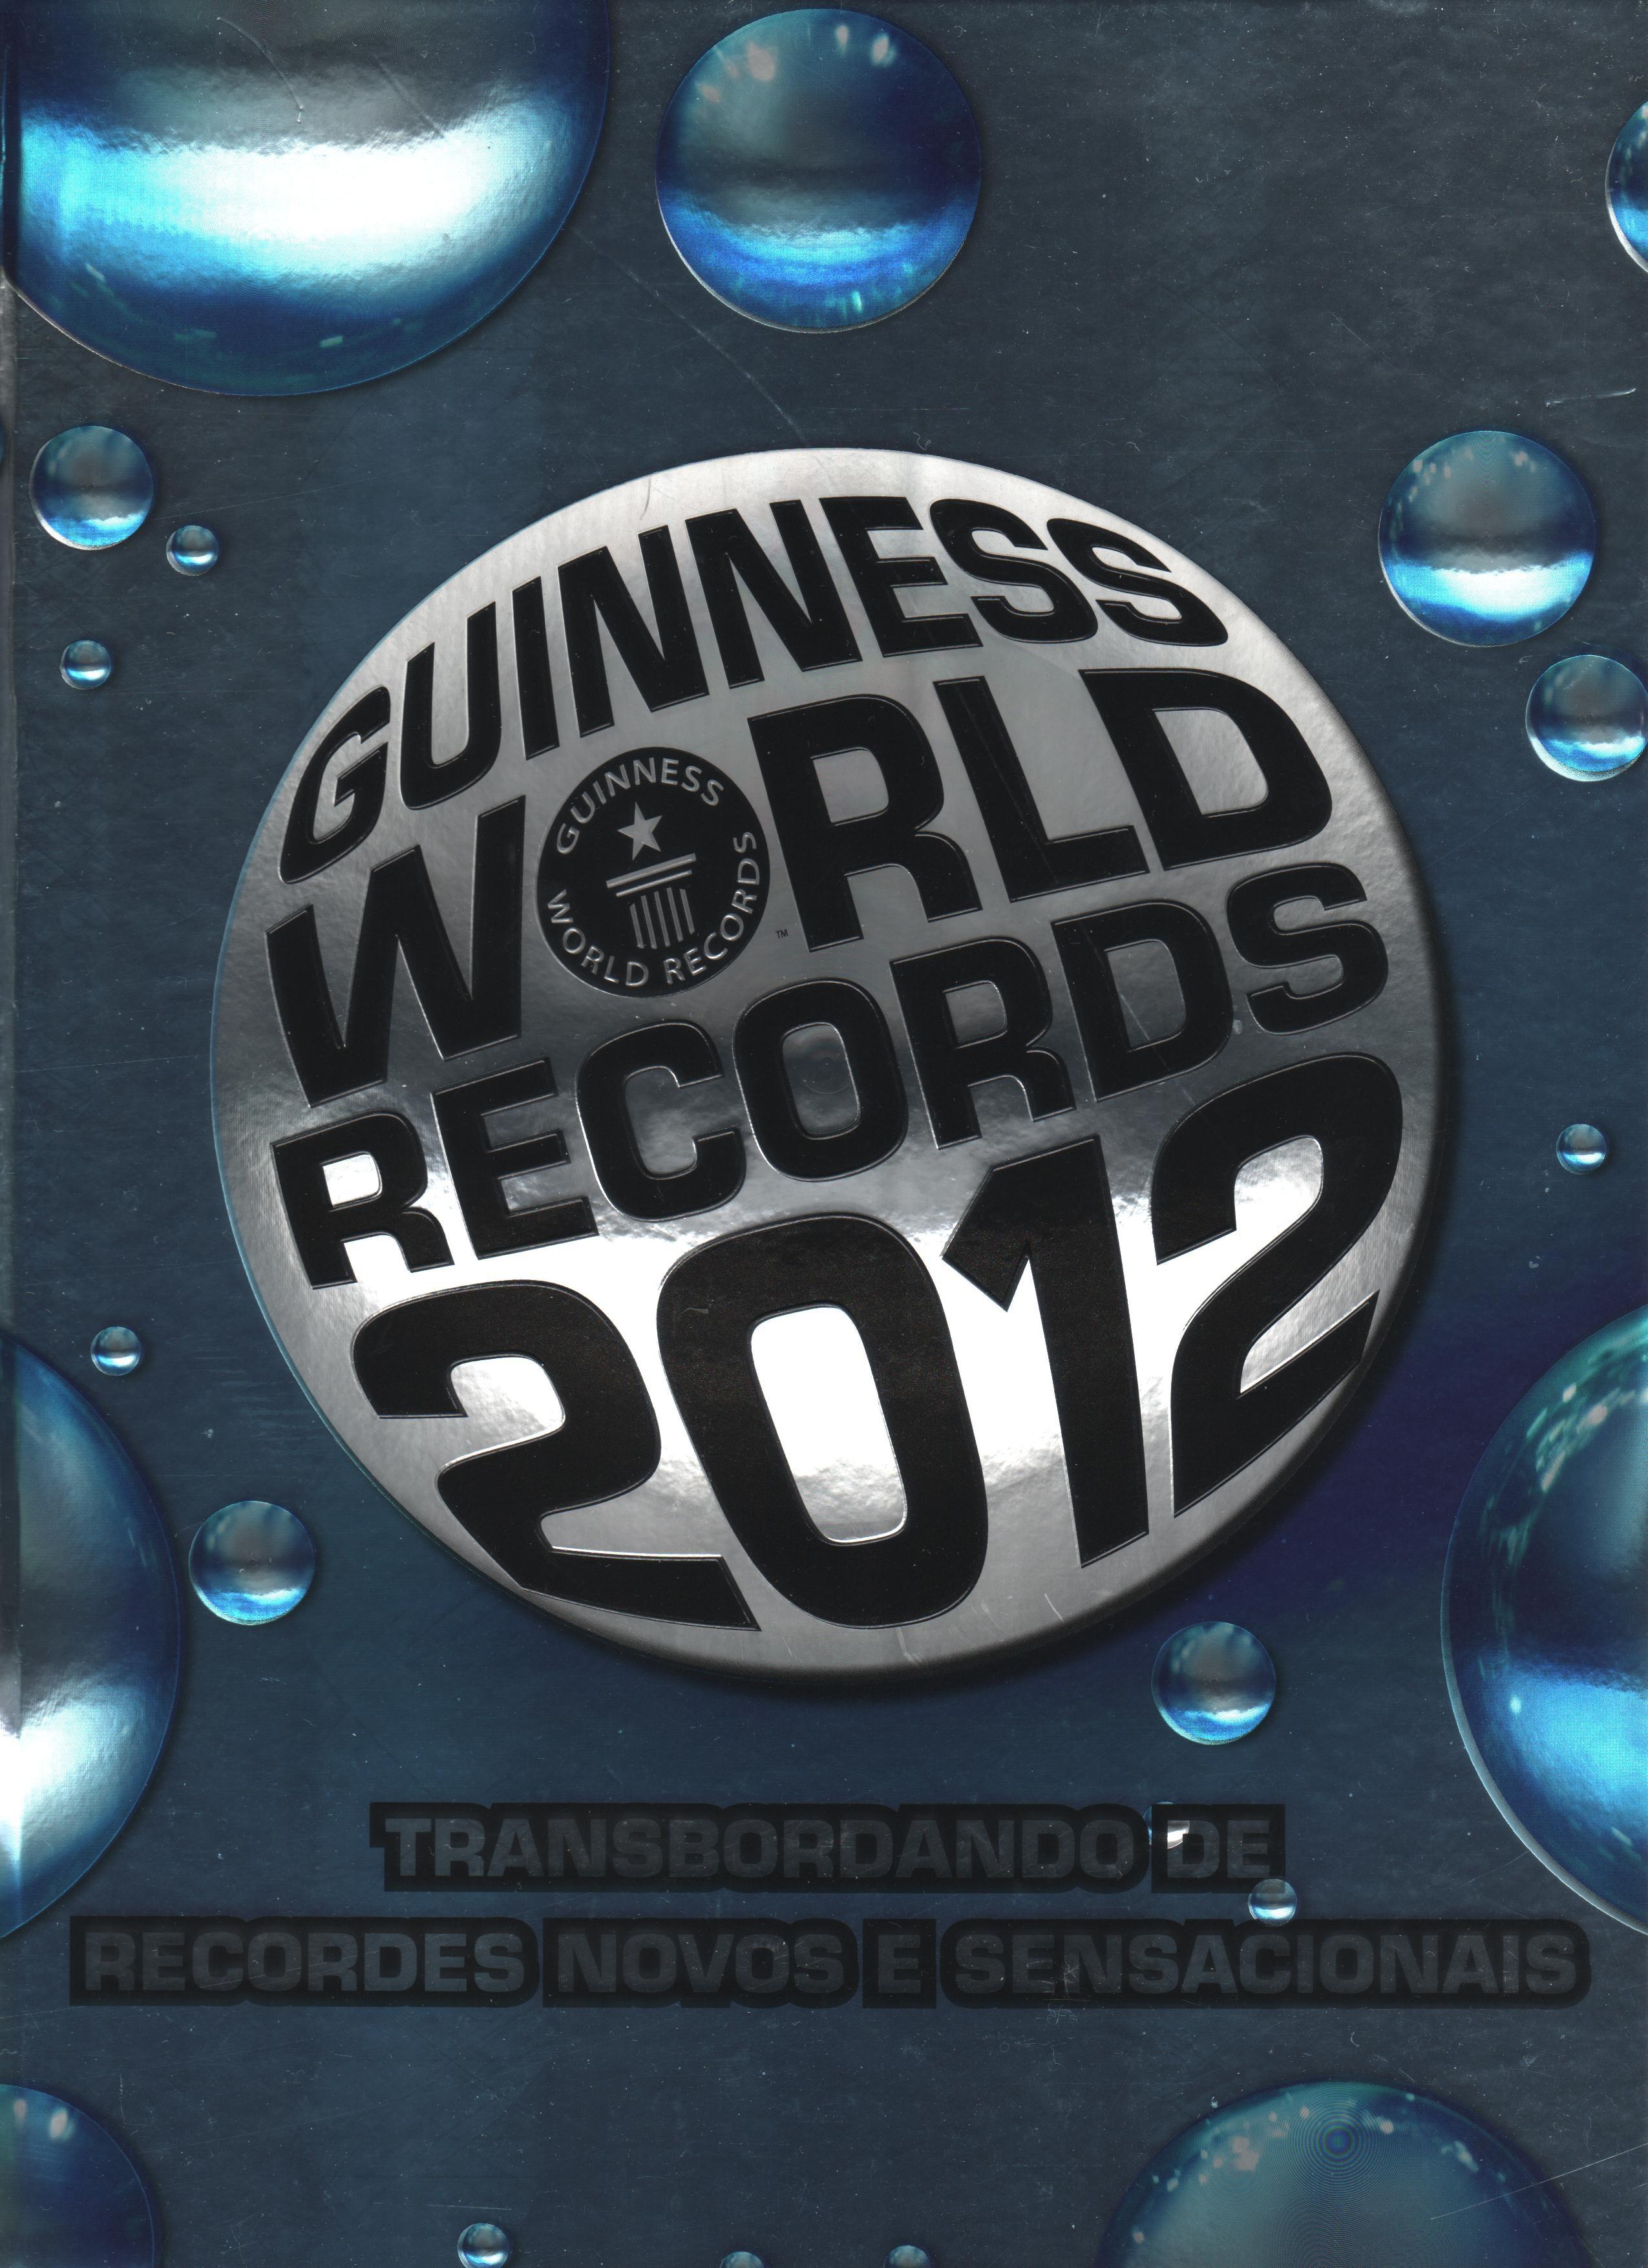 Biblioteca de Campos do Jordão recebe Guinness Book 2012